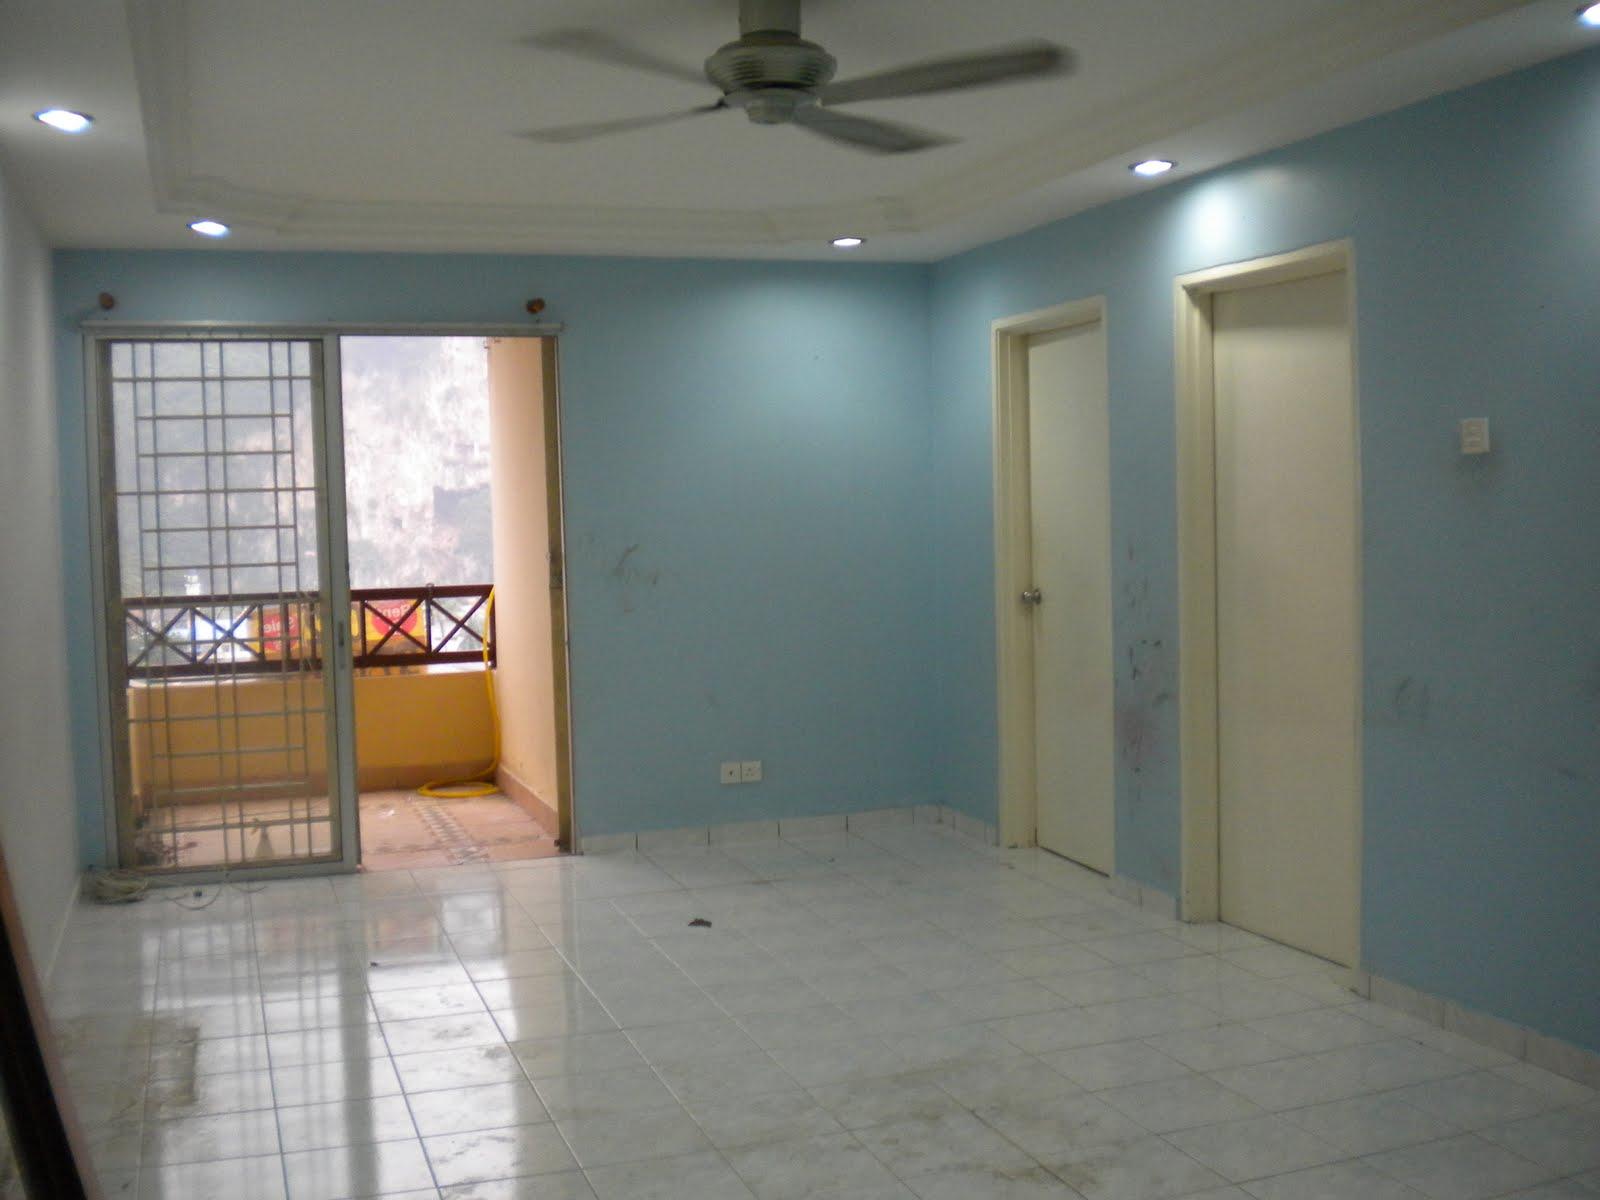 Siling Ruang Tamu Dilengkapi Plaster Kemasan Pintu Warna Putih Bole Ditukar Sekiranya Diperlukan